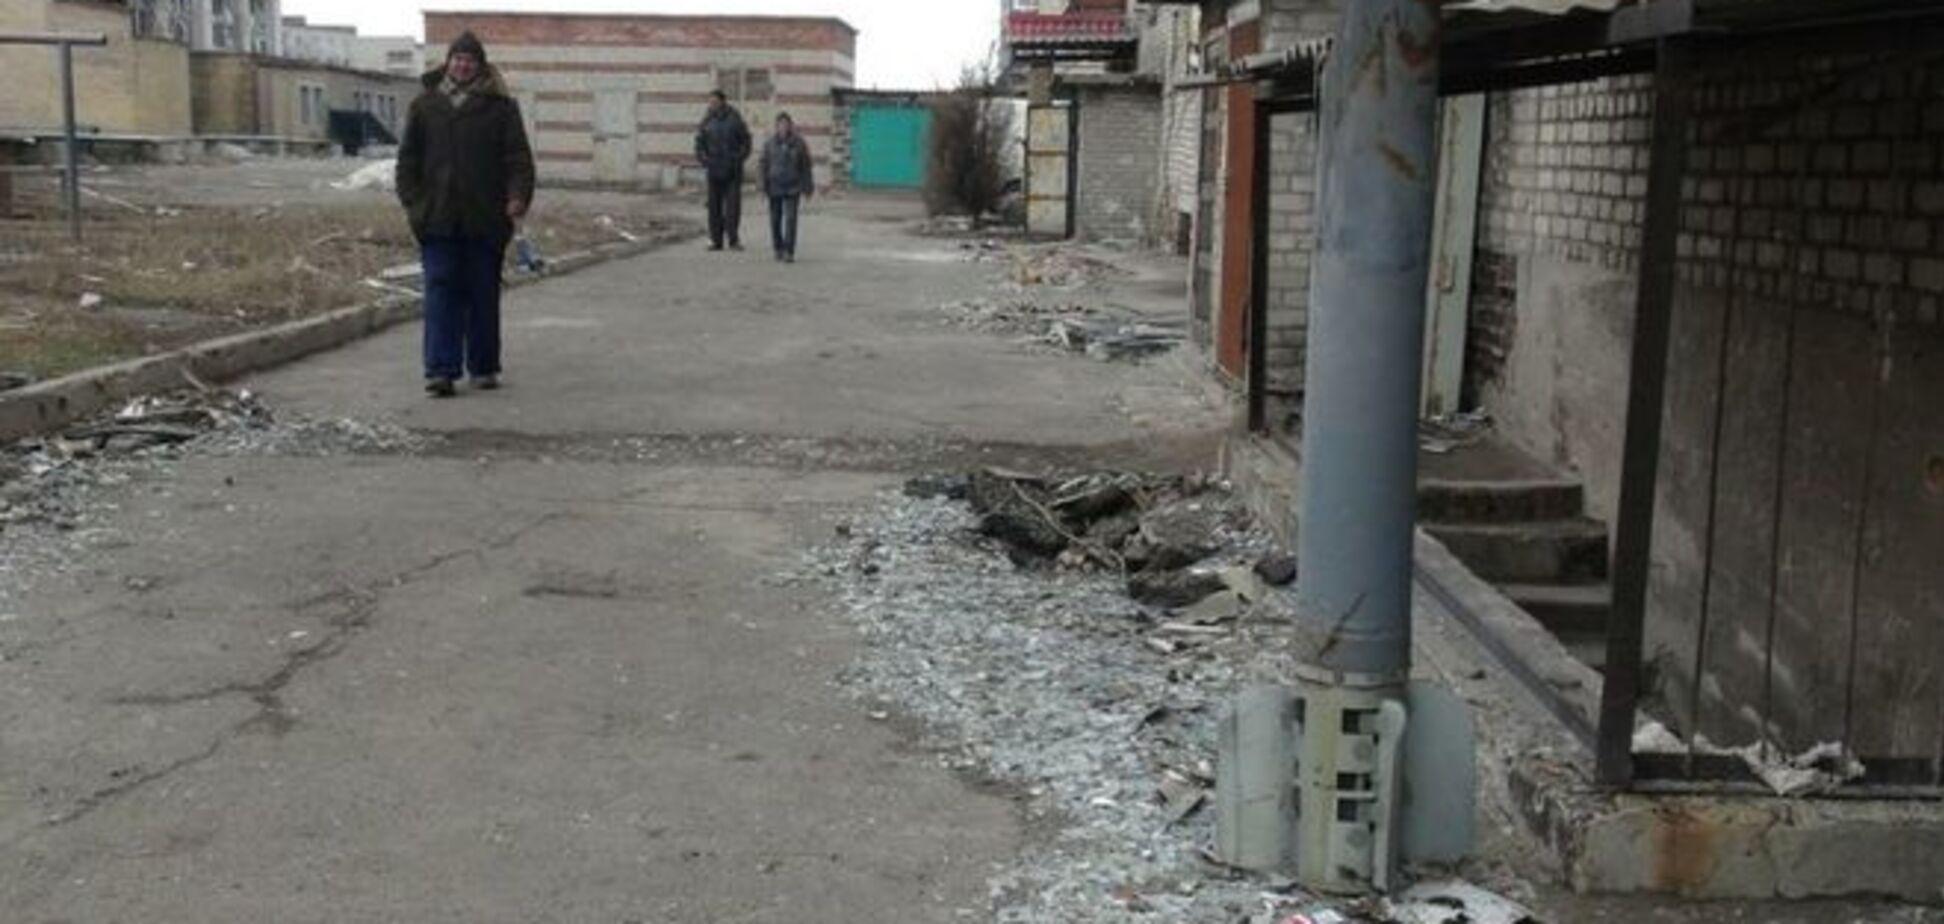 Пять из семи тысяч жителей Дебальцево живут в подвалах - ООН